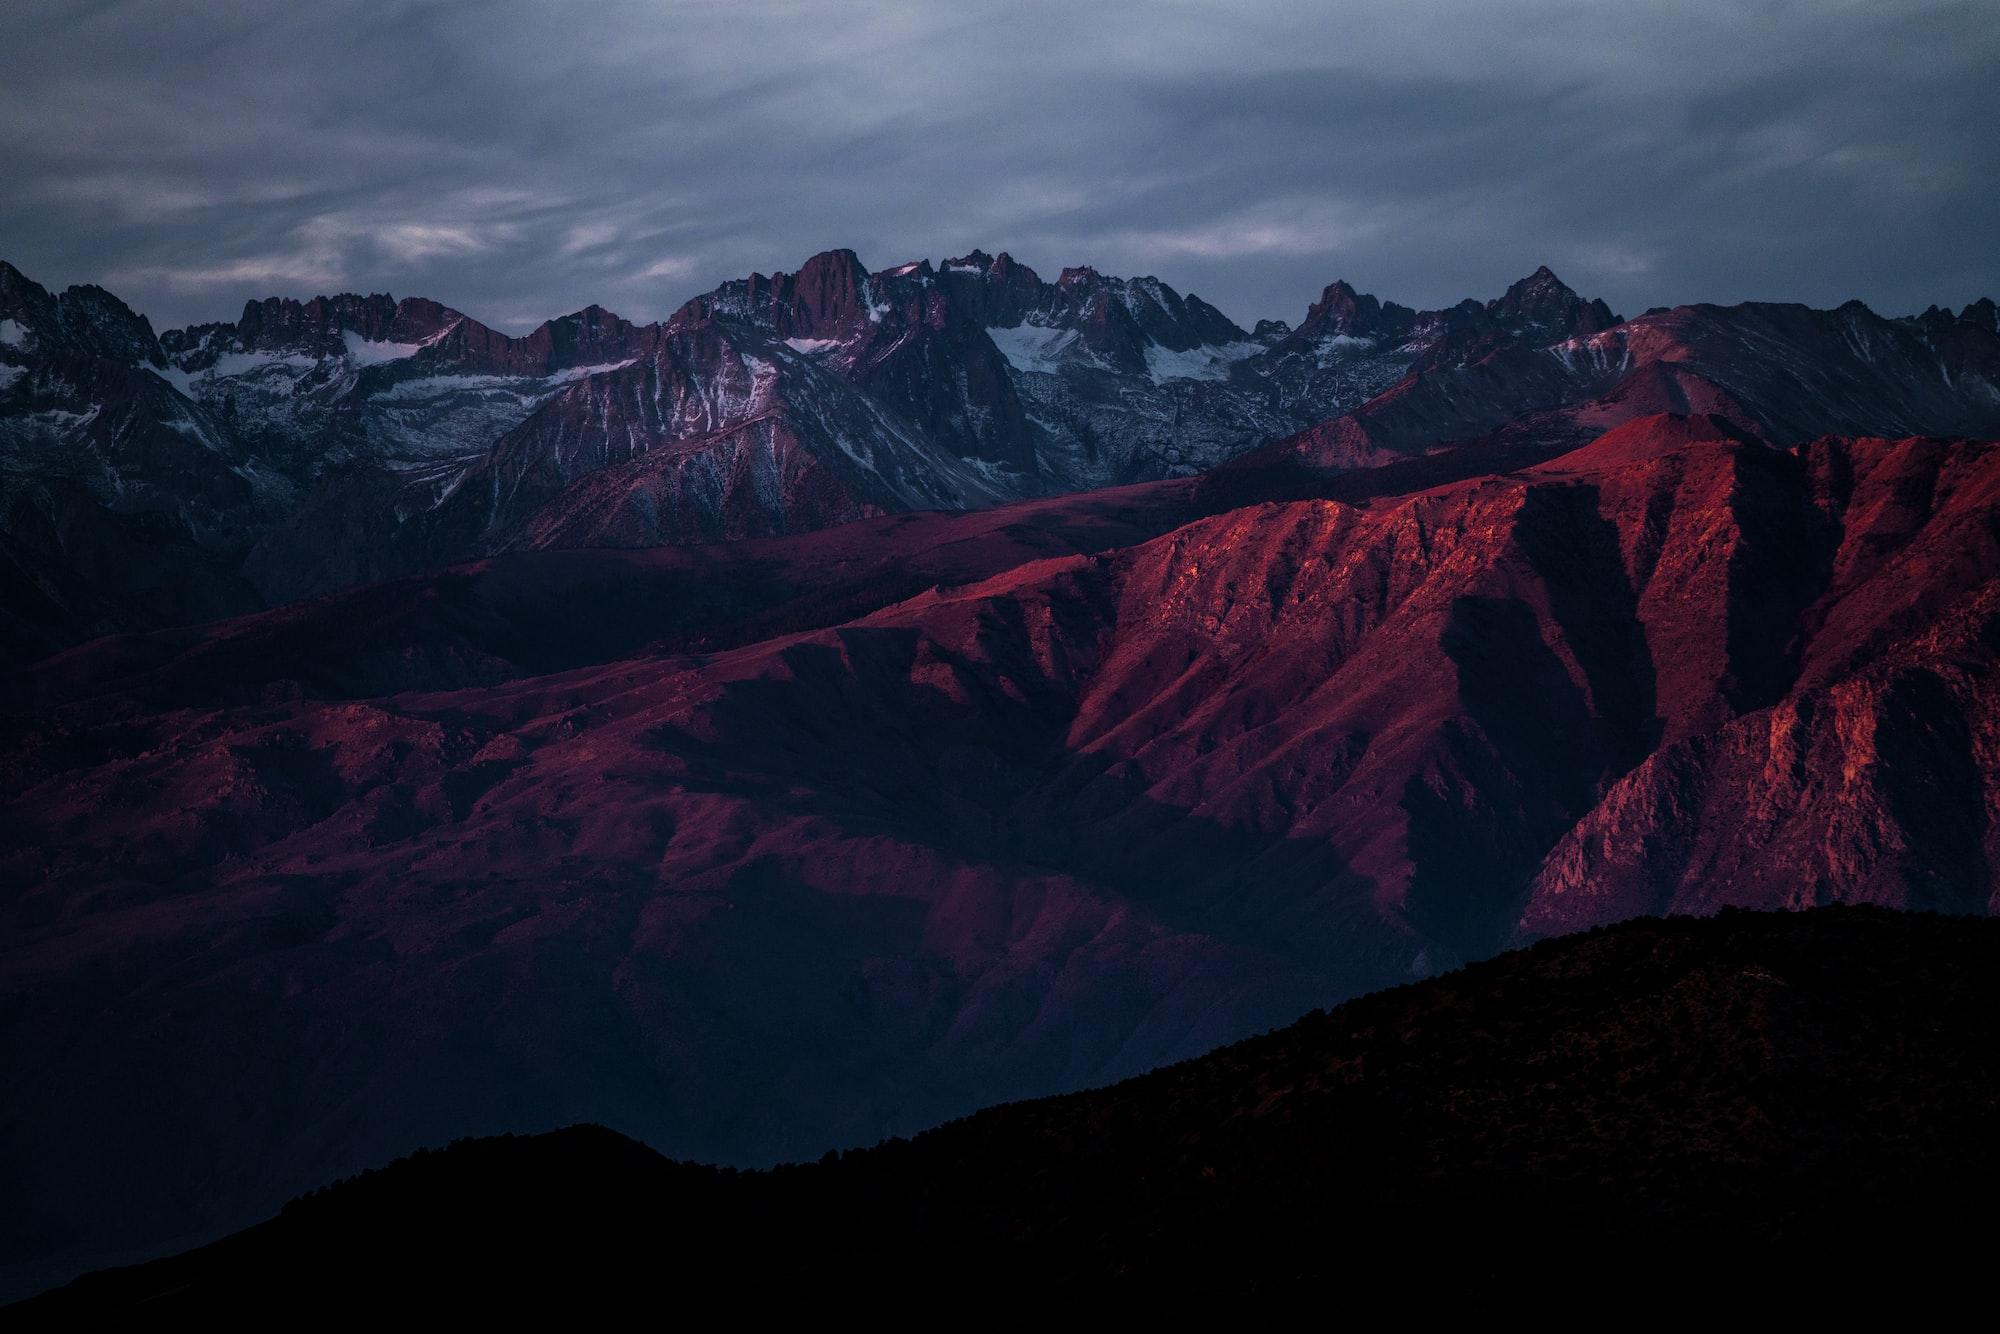 Red highlands